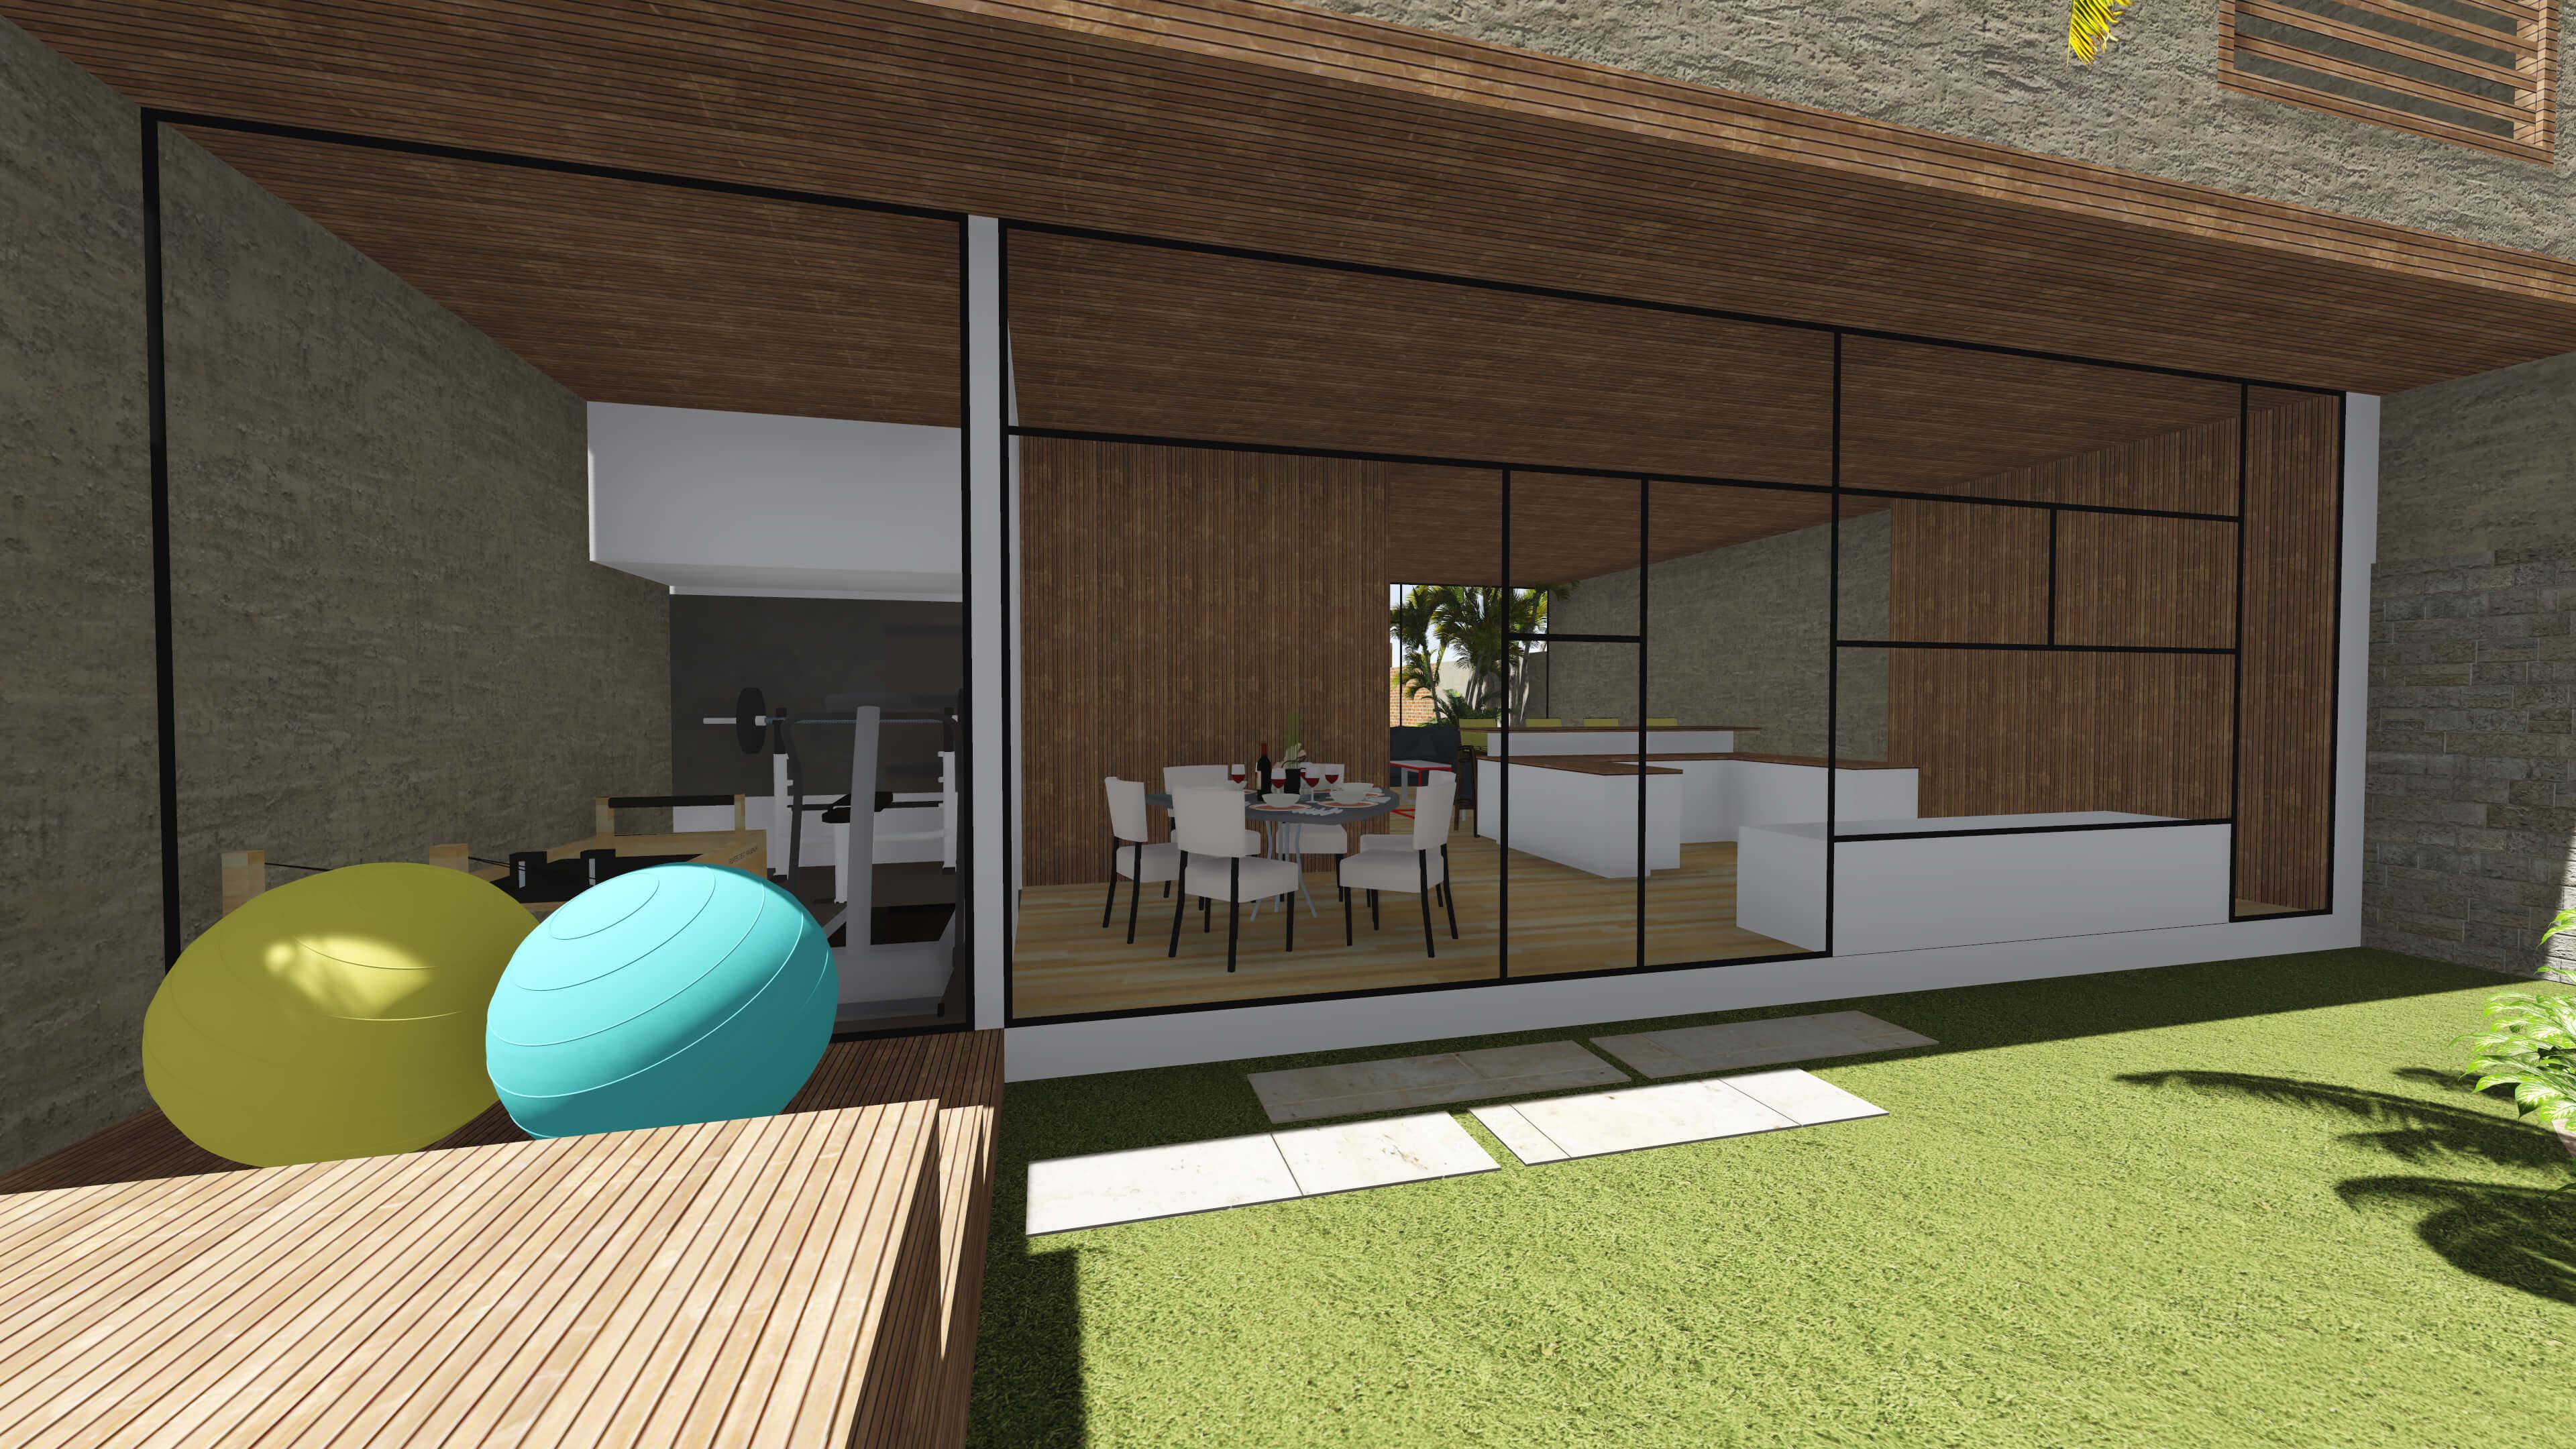 sala de jantar com cozinha americana tem vista para o jardim do  #23A7A8 3840 2160